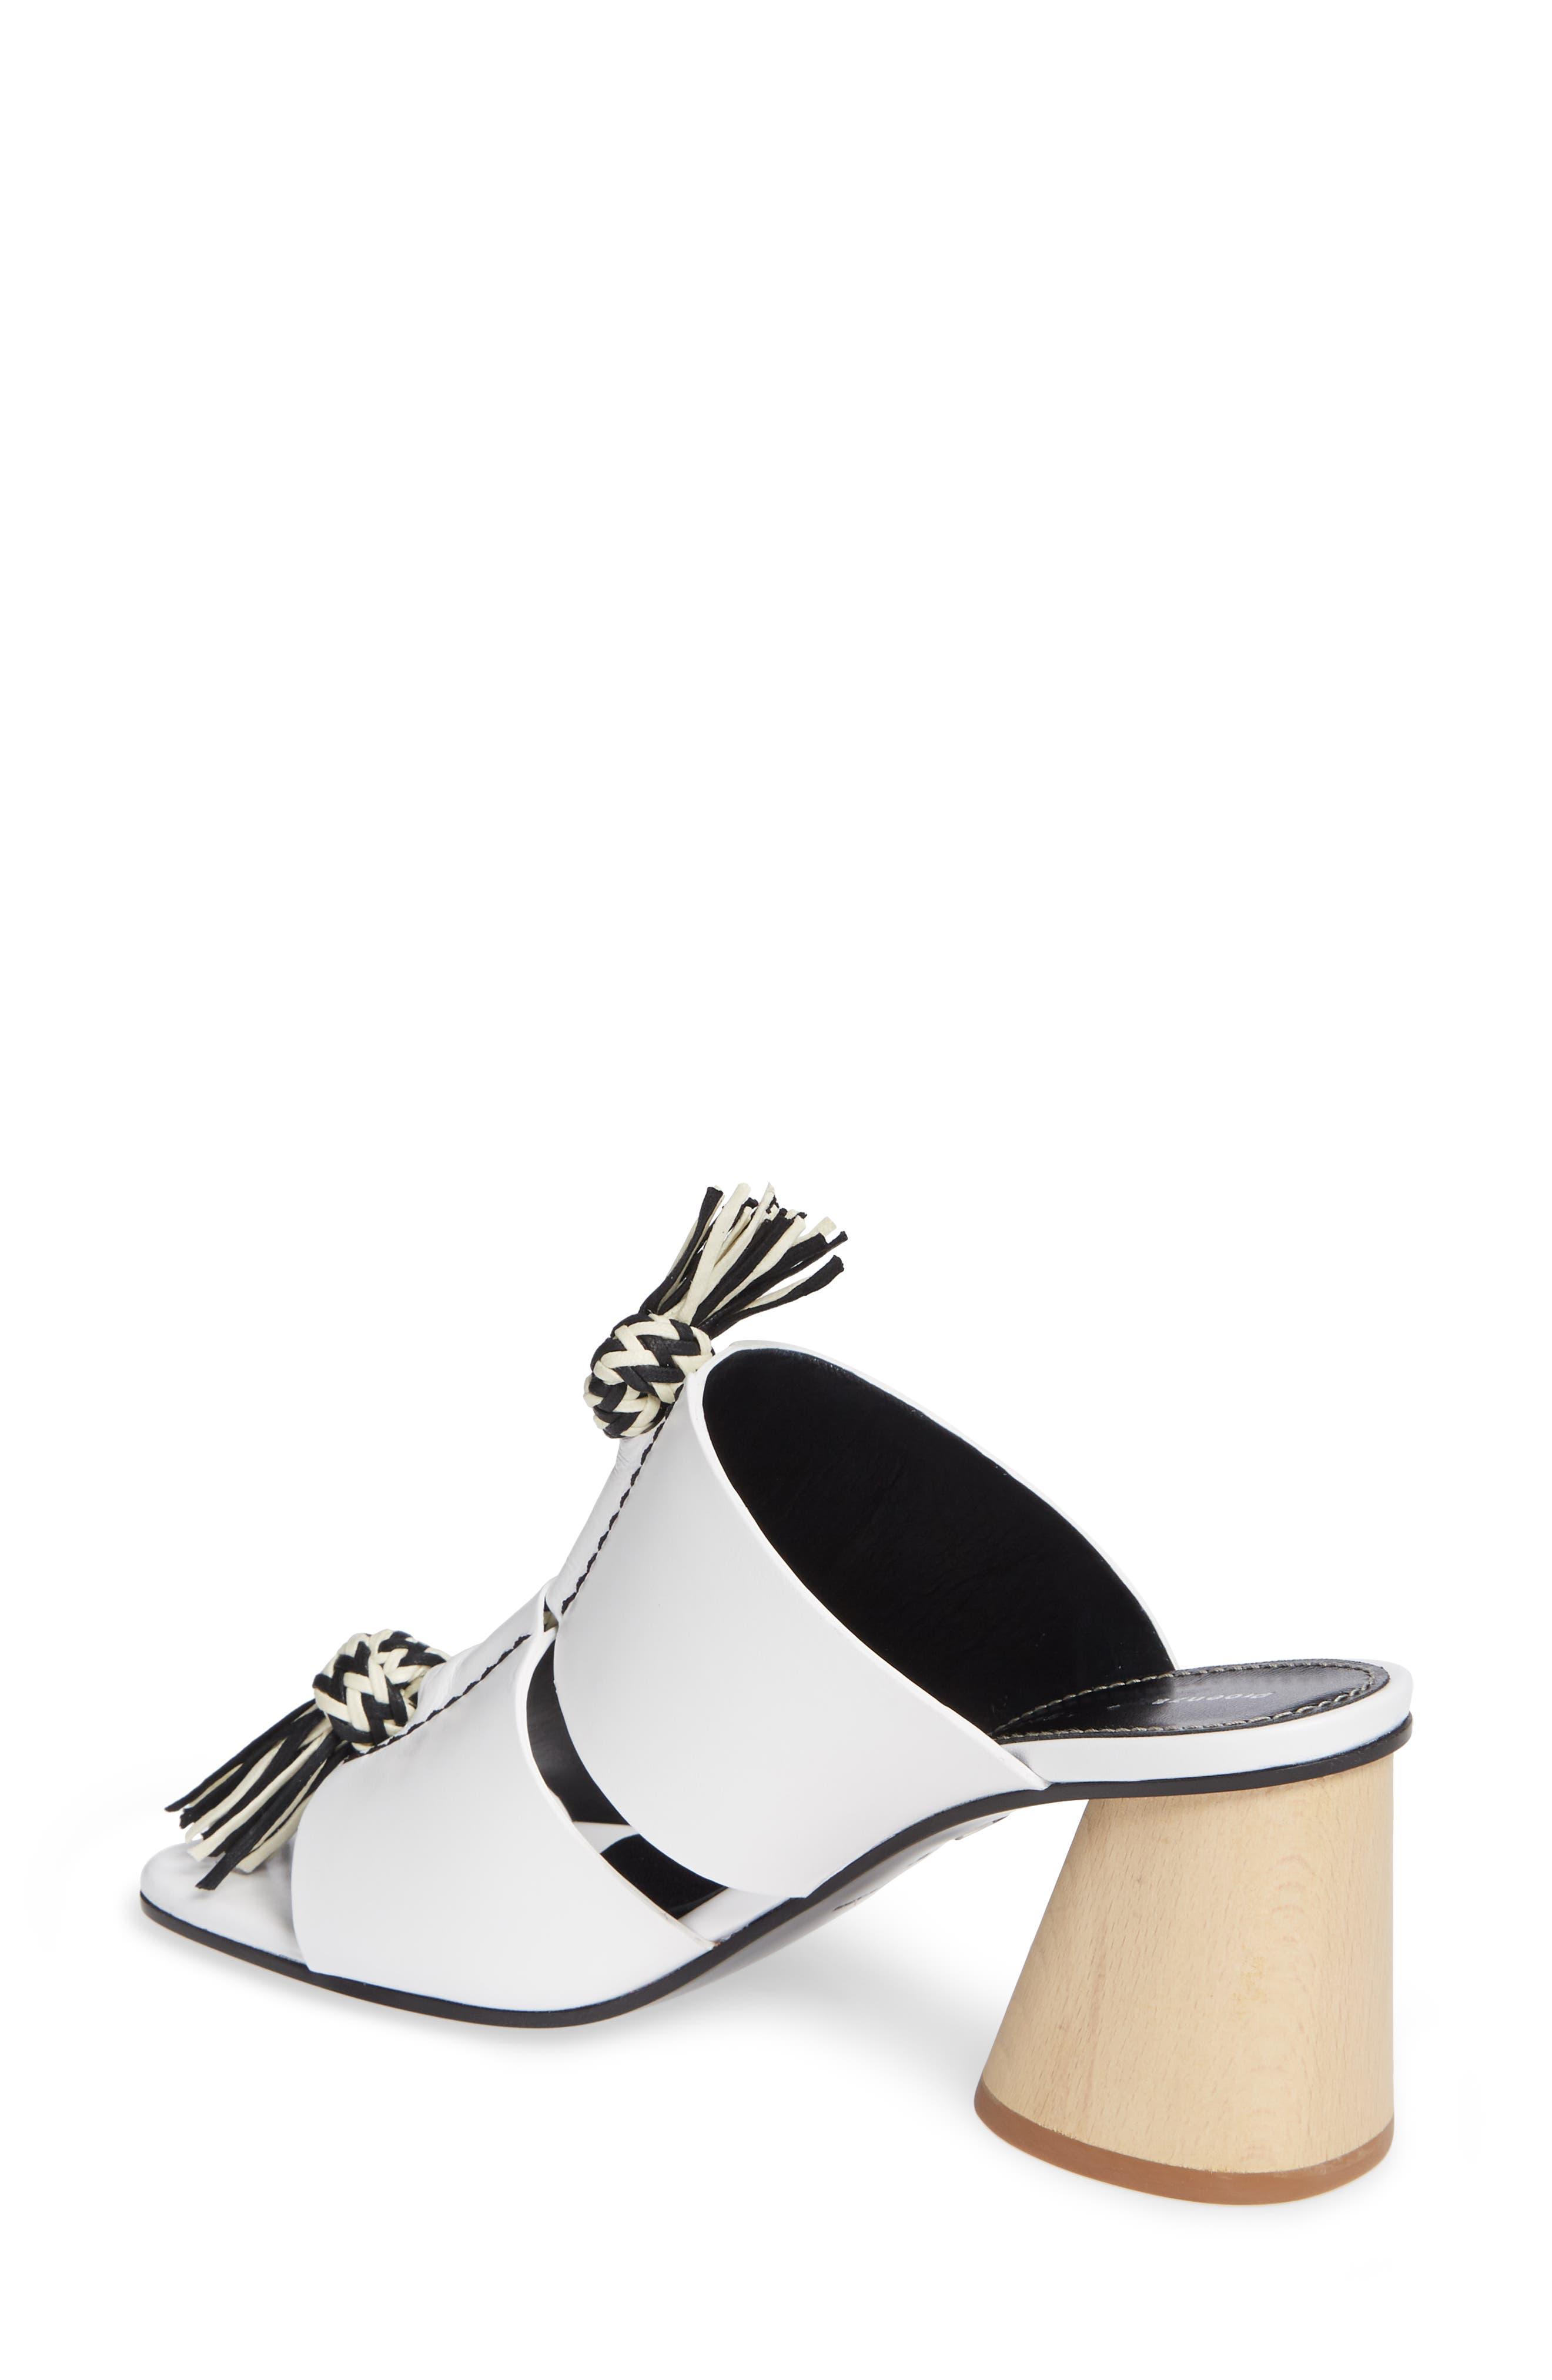 PROENZA SCHOULER, Cylinder Heel Slide Sandal, Alternate thumbnail 2, color, WHITE